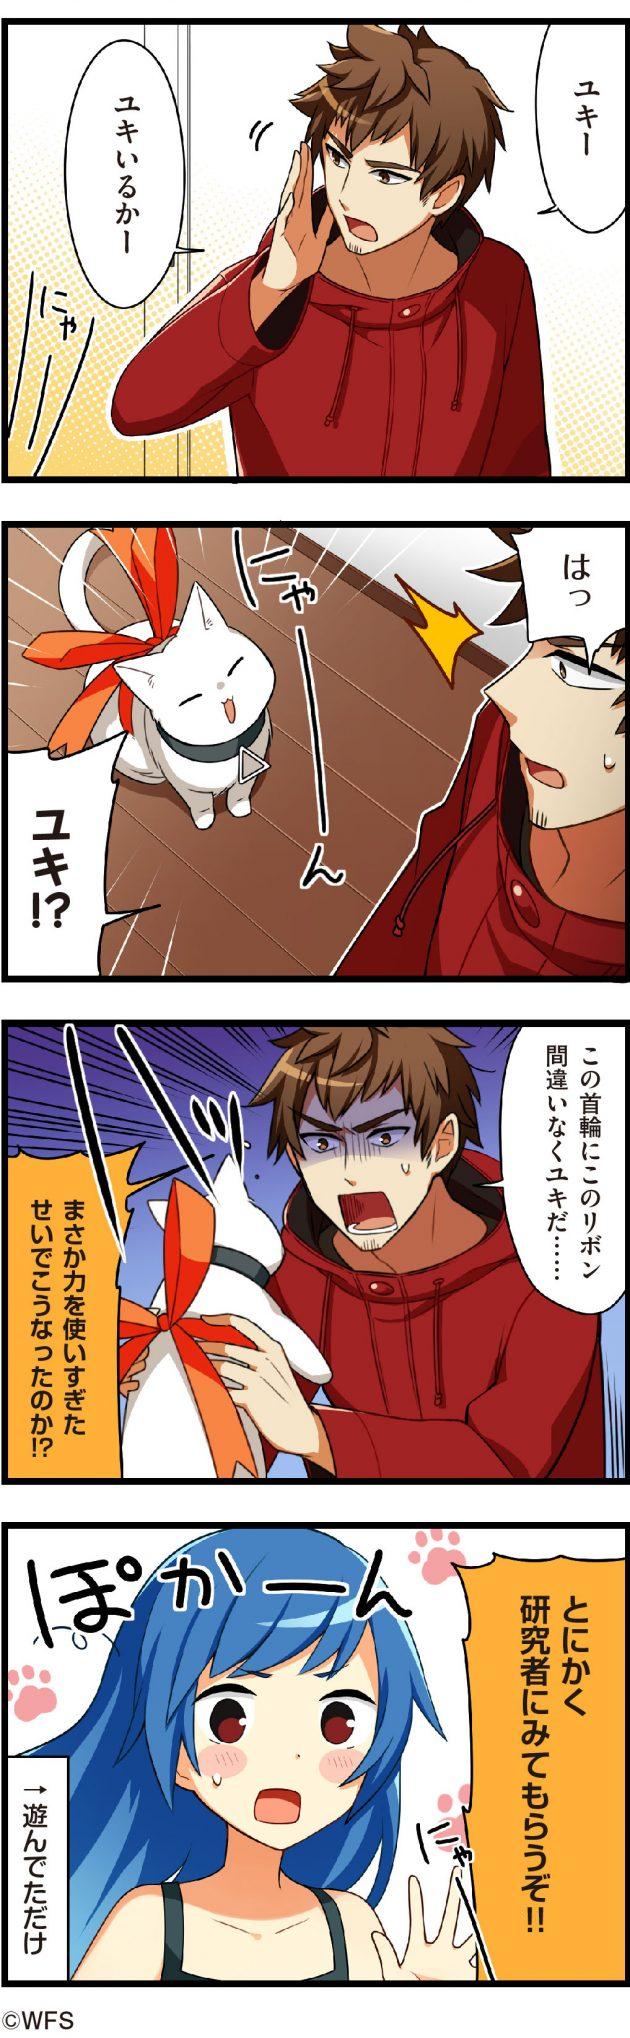 09_takuyatteba_cut